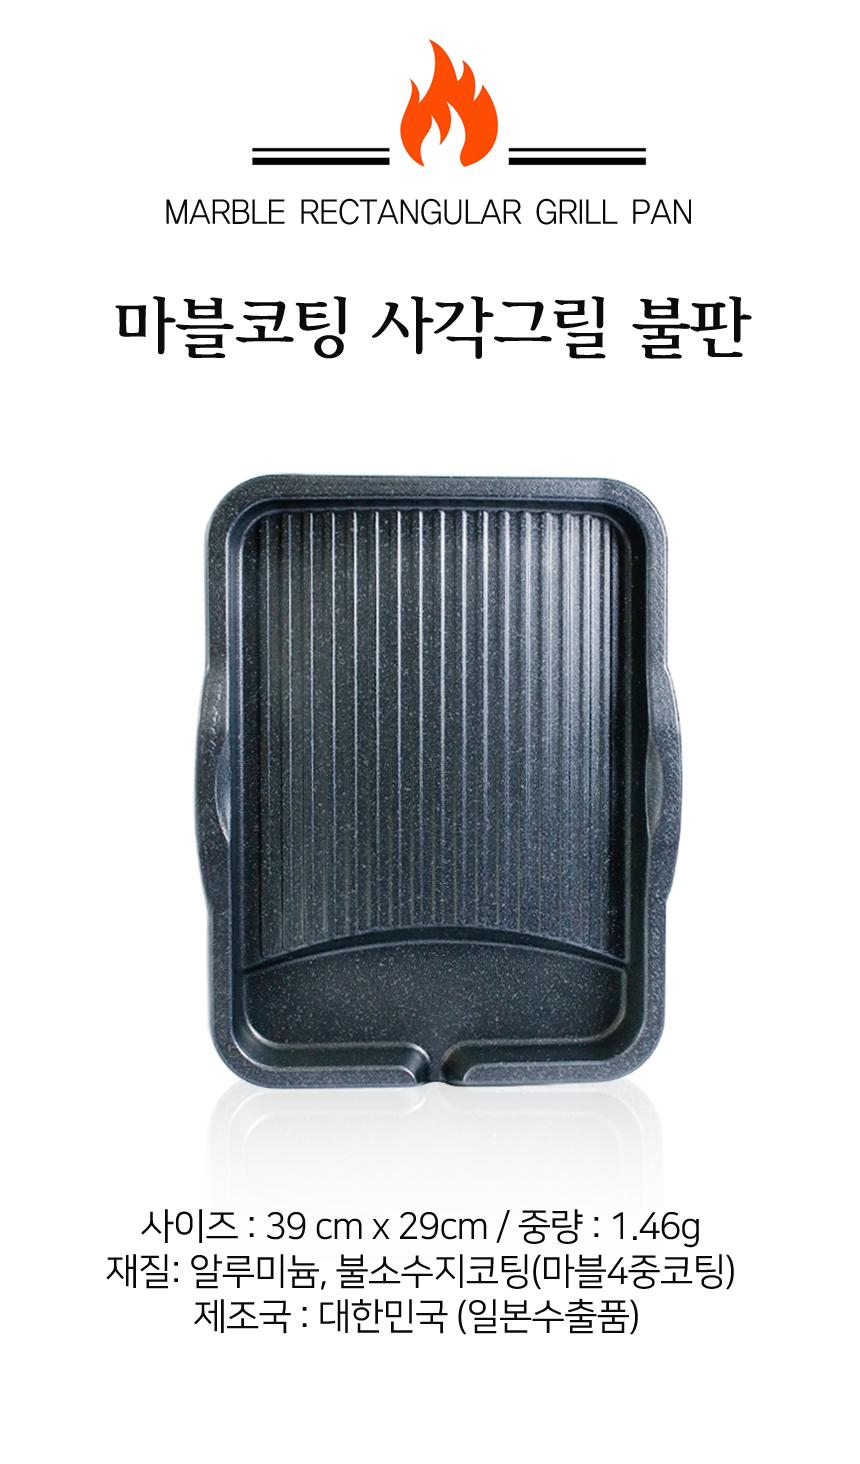 마블코팅 가정용 사각 삼겹살불판 3-4인용 대형 - 김씨하우스, 49,700원, 프라이팬/그릴팬, 그릴팬